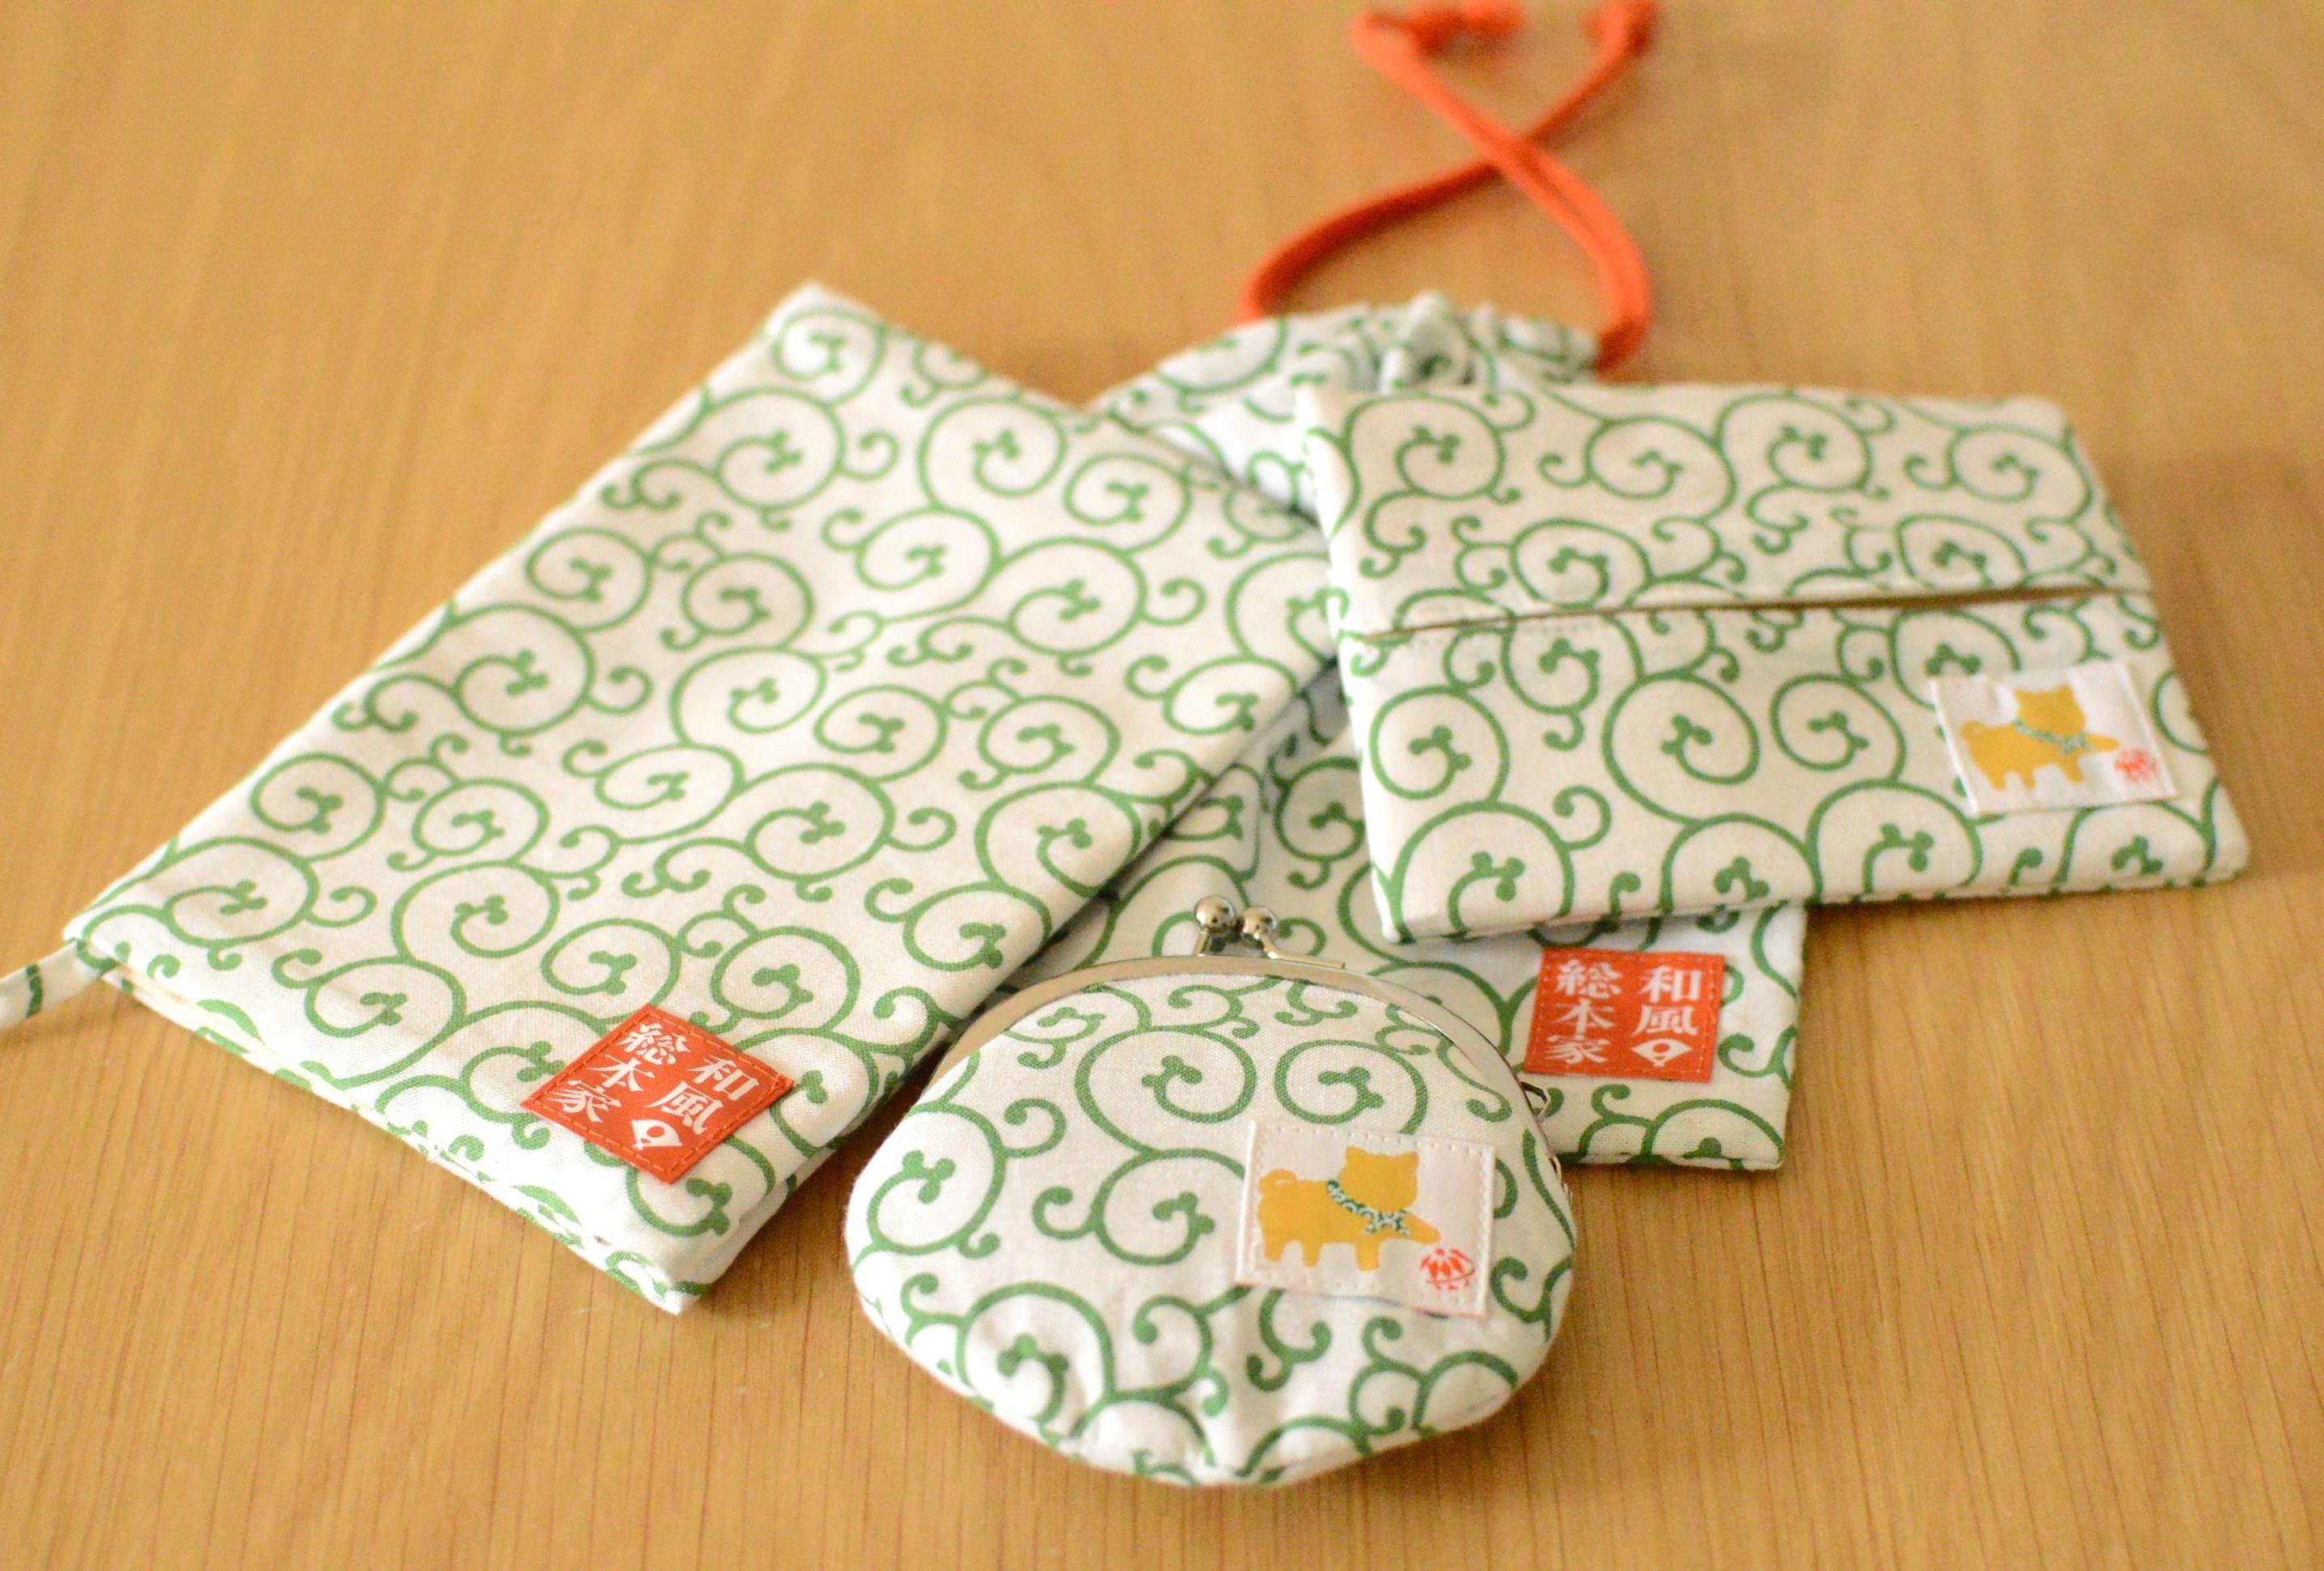 http://seitousha.sakura.ne.jp/sblo_files/seitousha/image/DSC_0173-90e68.JPG